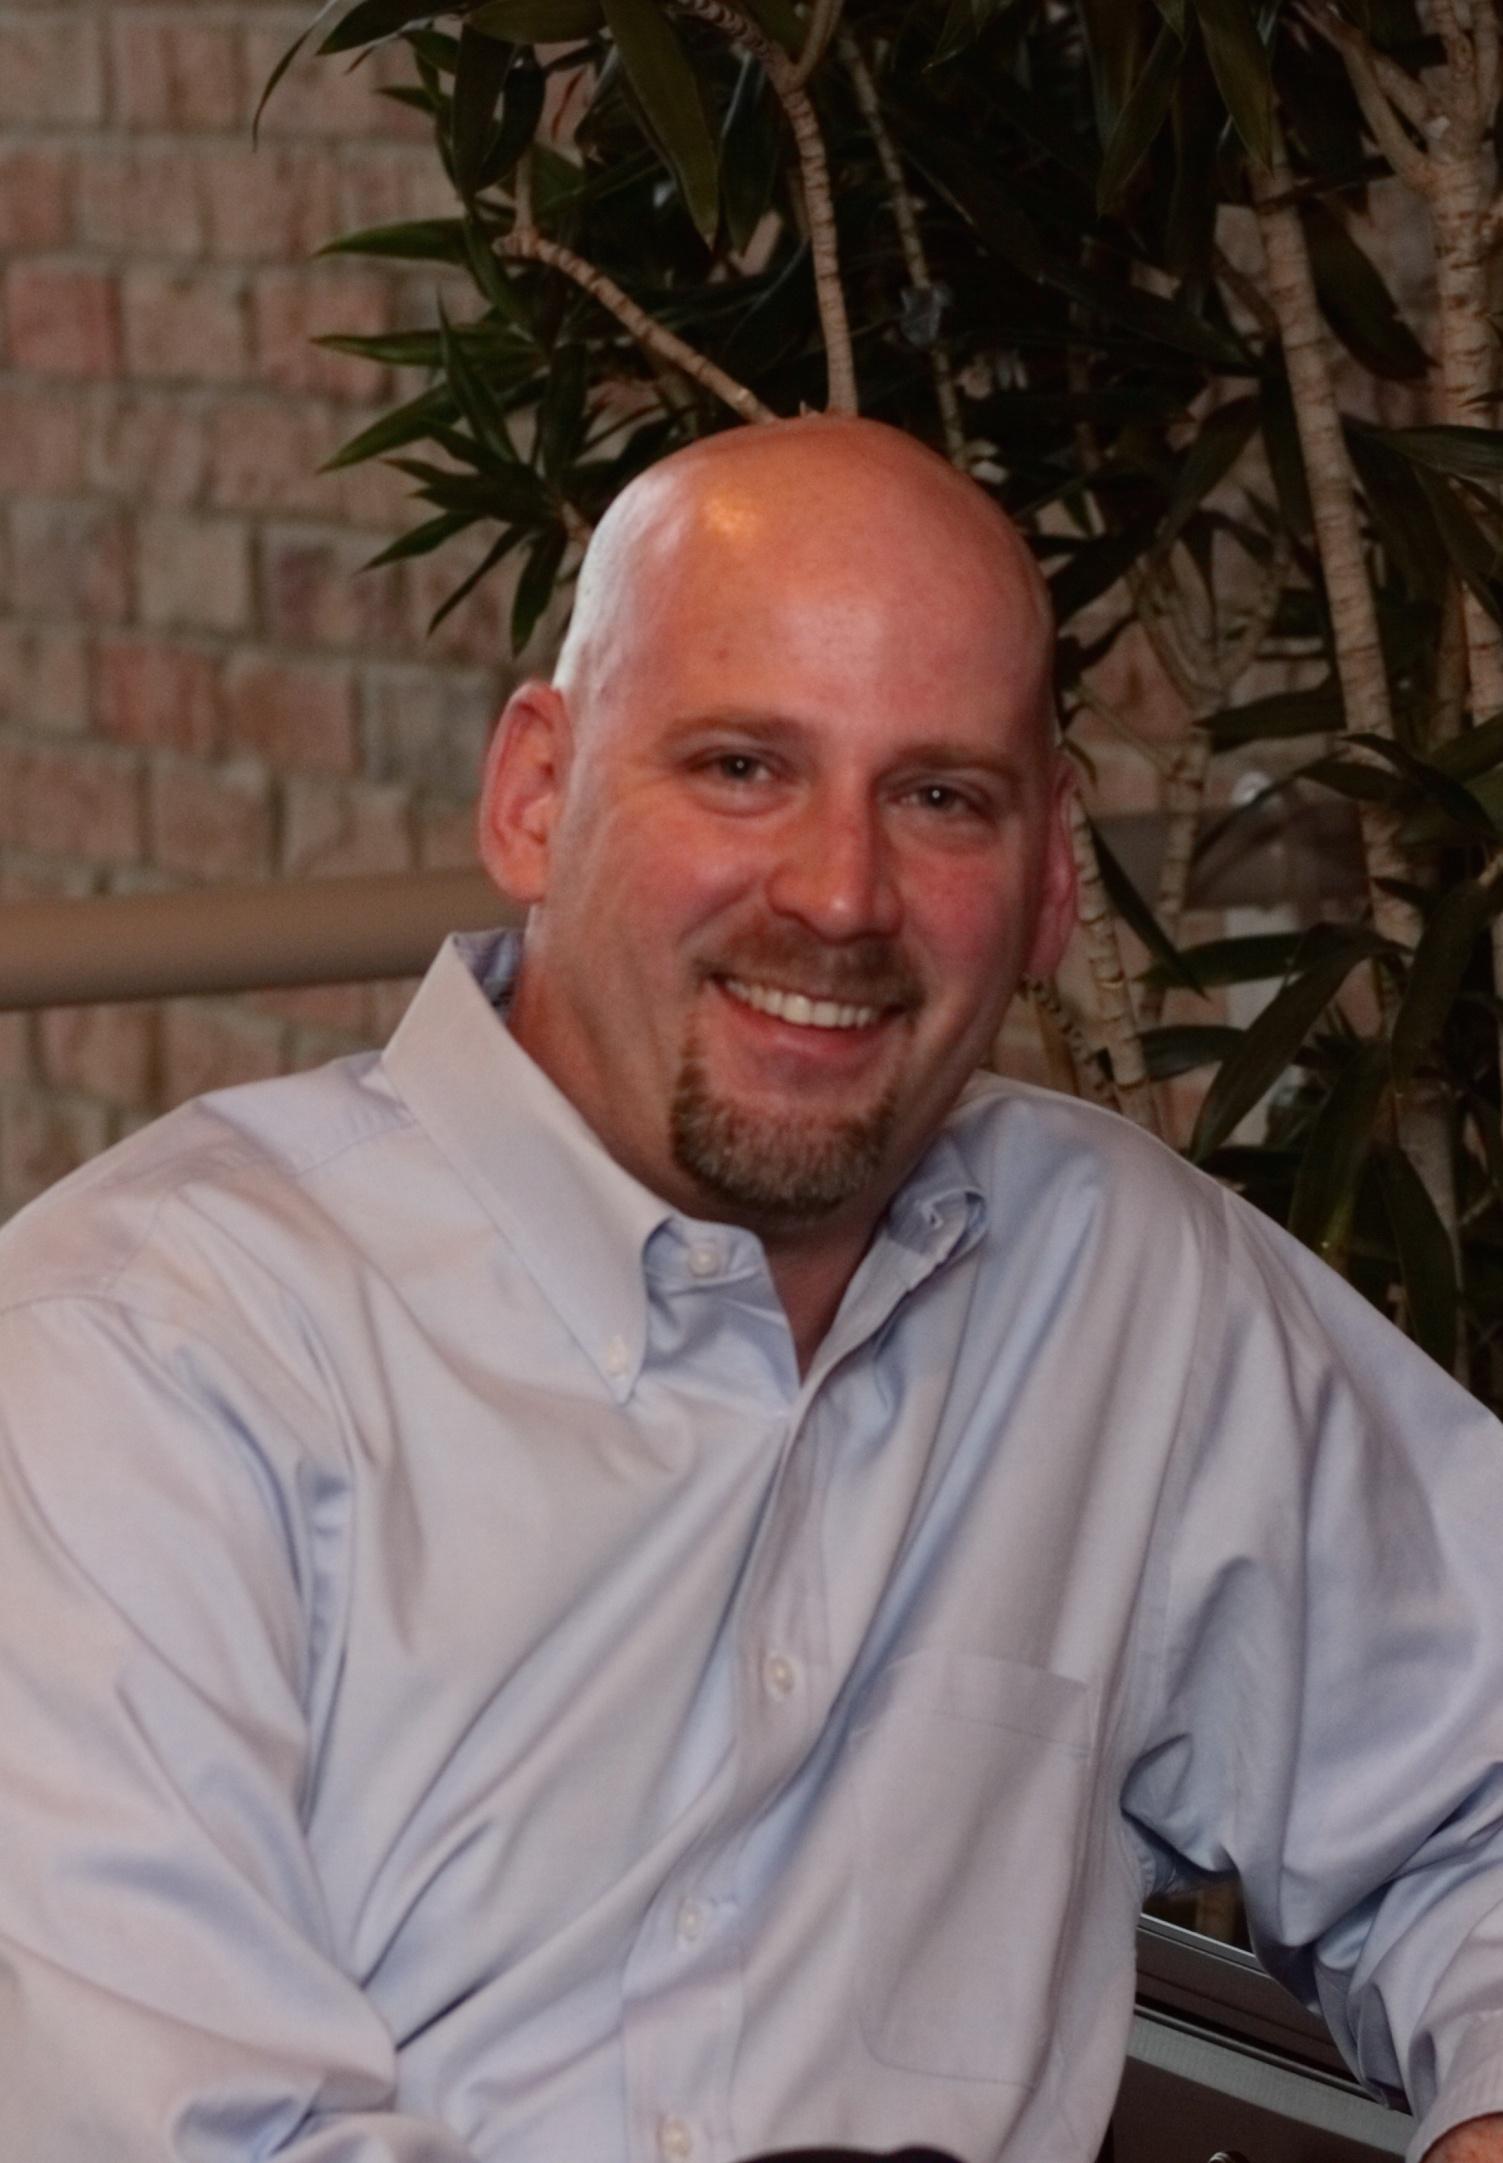 Kevin Patano